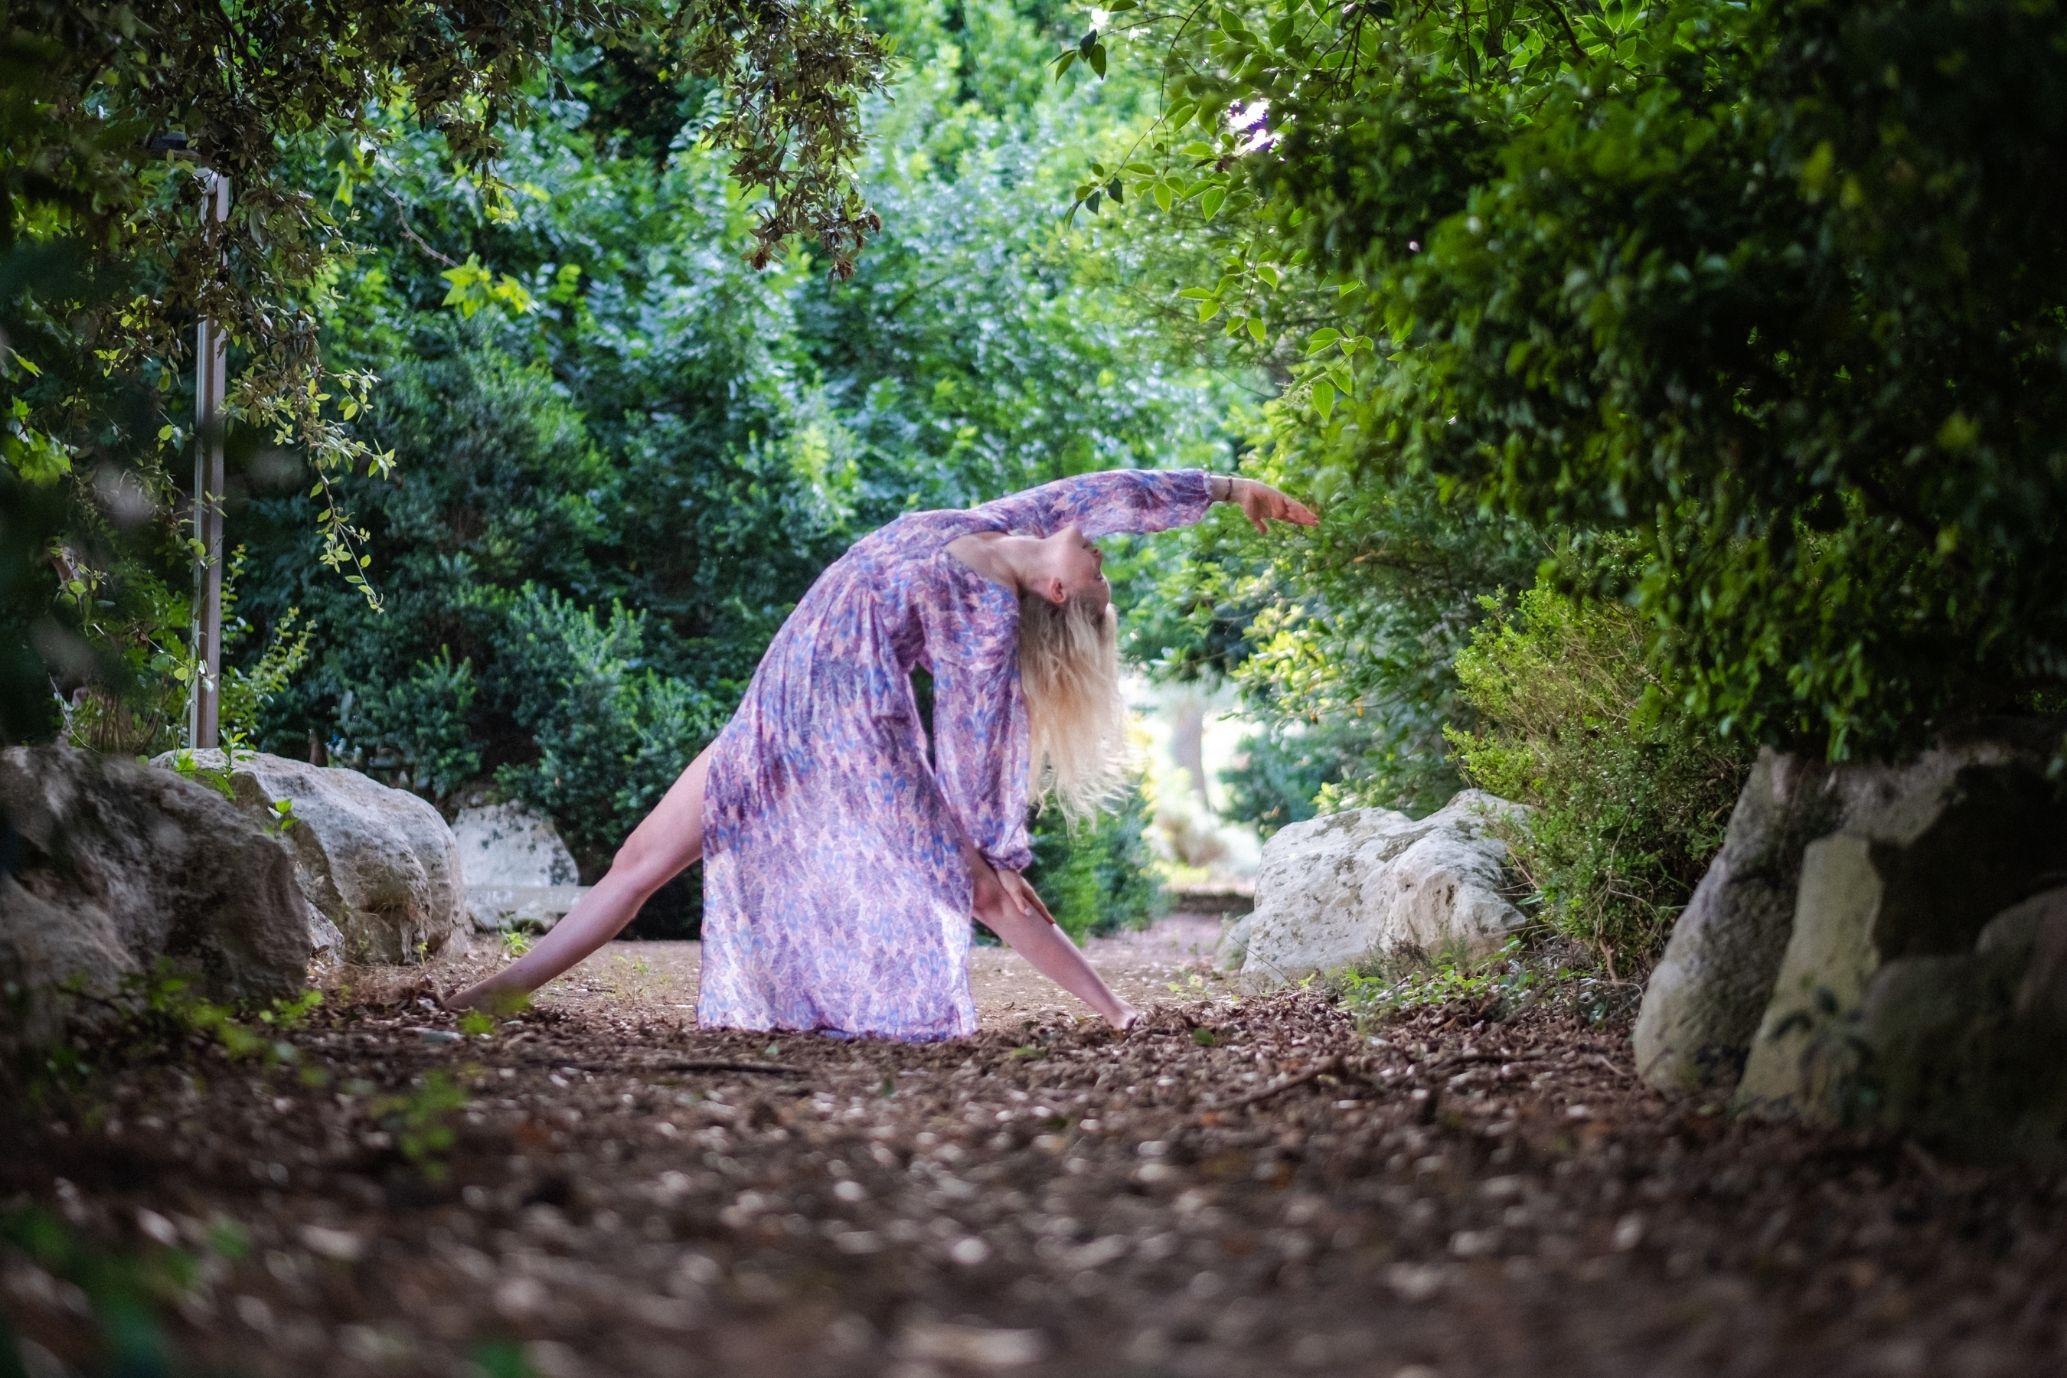 Going Om Yoga Stile